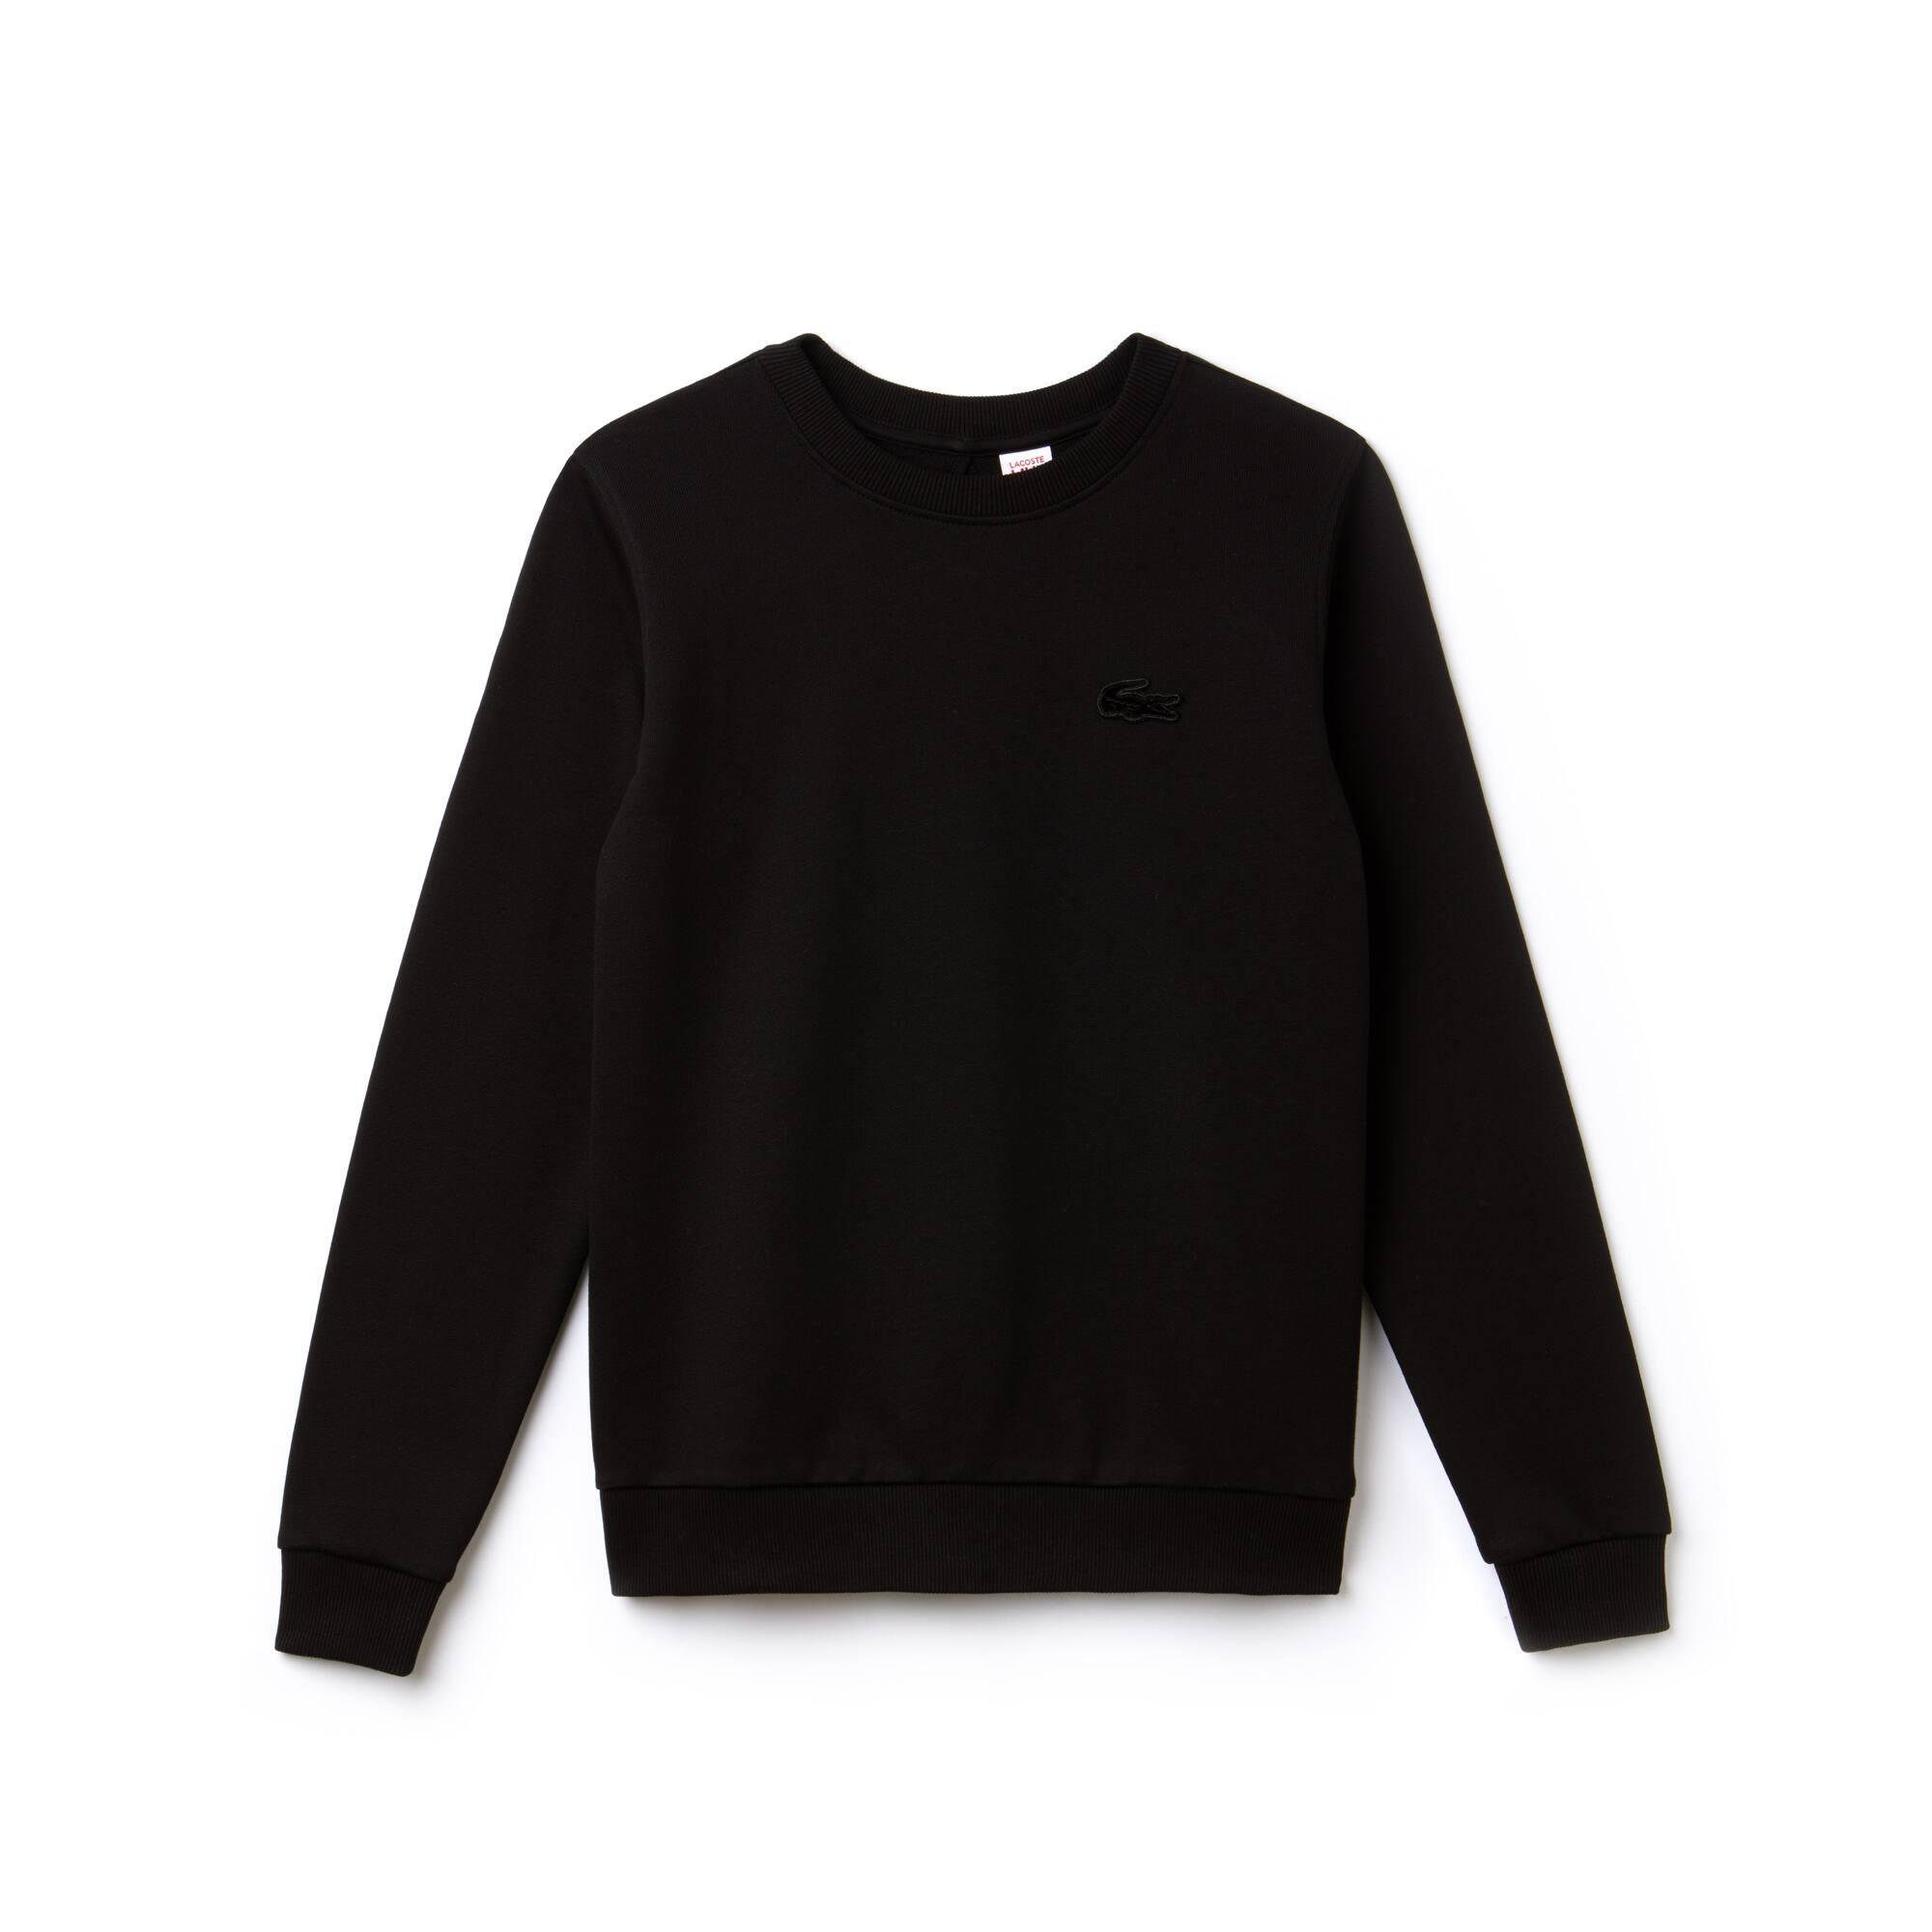 Women's Lacoste LIVE Teardrop Opening Fleece Sweatshirt